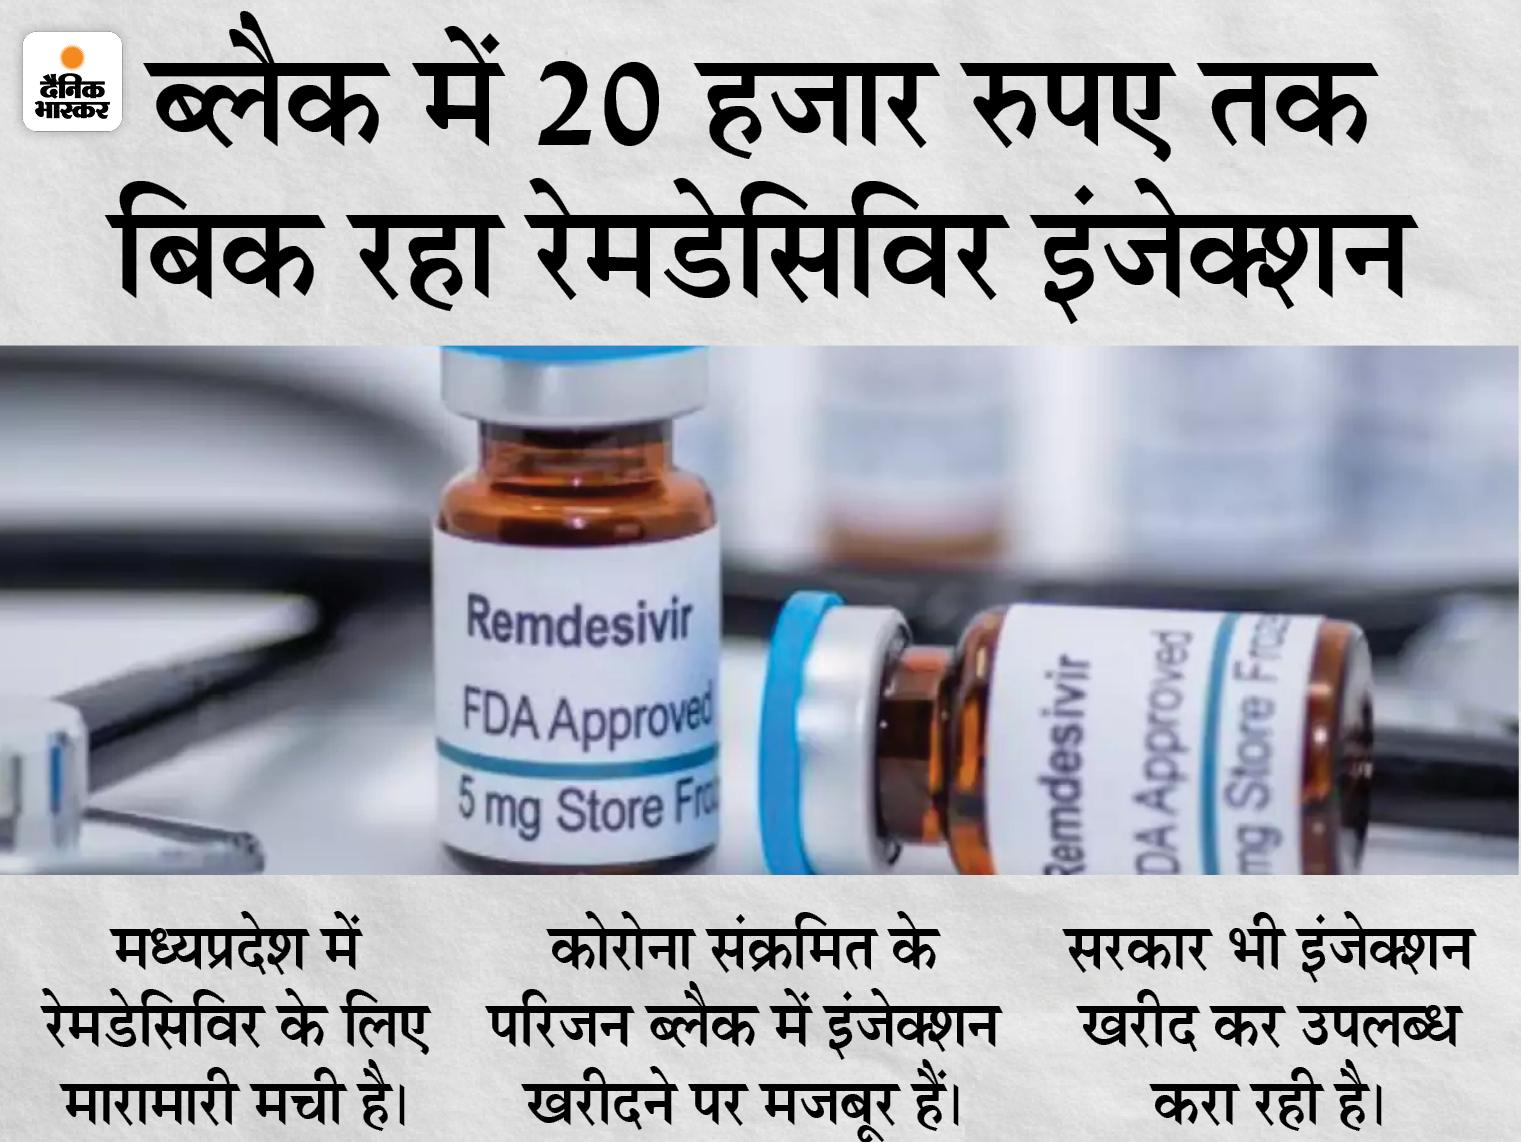 भोपाल के हमीदिया अस्पताल से 853 रेमडेसिविर इंजेक्शन चोरी; सेंट्रल स्टोर की ग्रिल काट कर चोरों ने उड़ाया इंजेक्शन भोपाल,Bhopal - Dainik Bhaskar